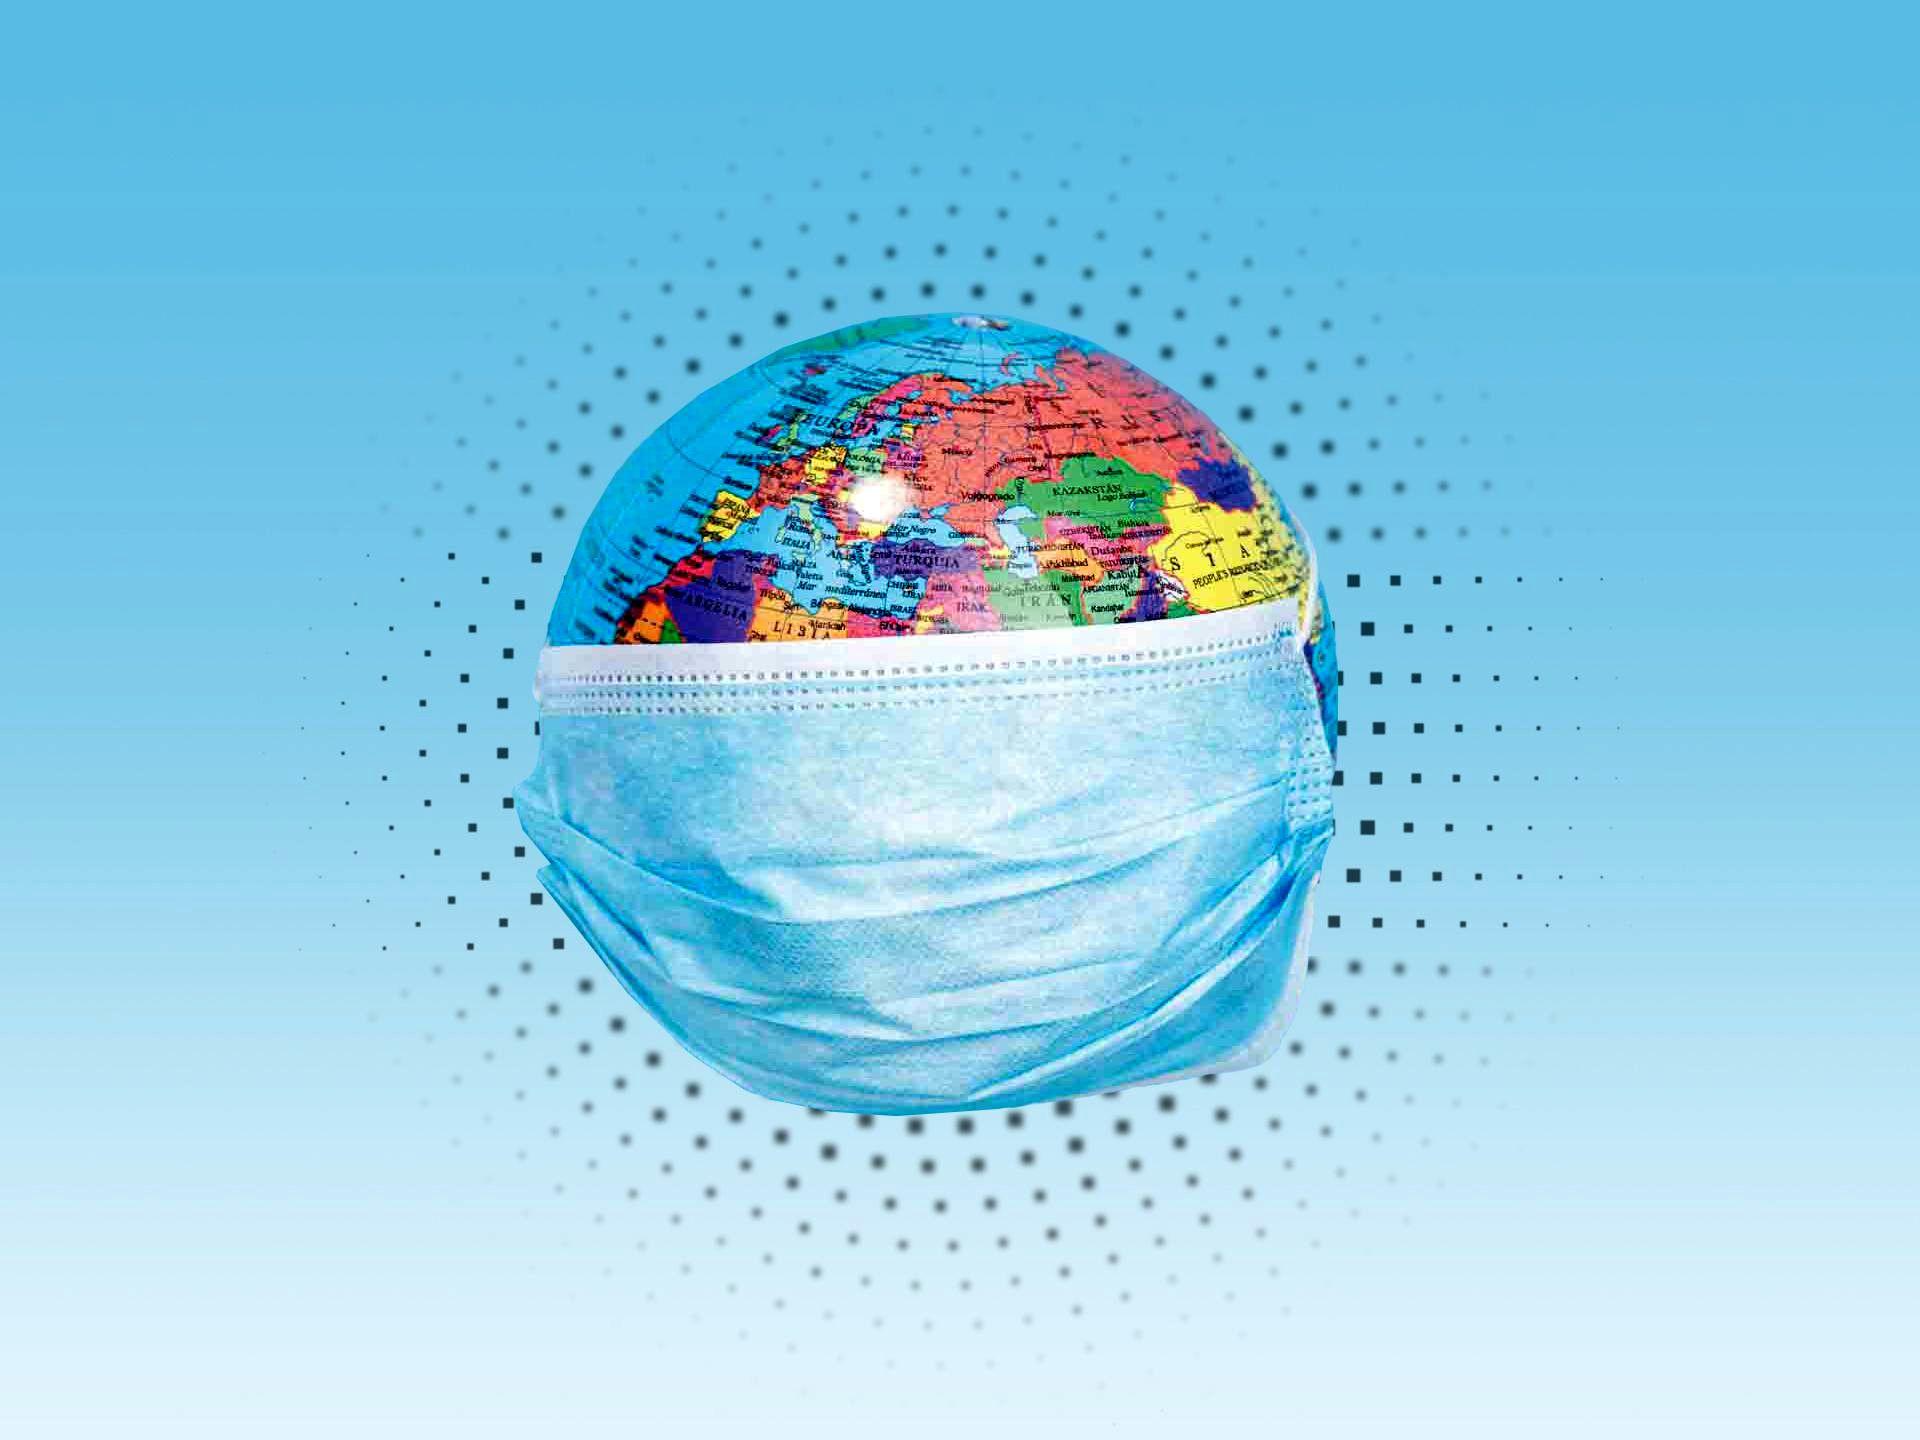 عکسی از کره زمین که به خاطر کرونا ماسک زده است